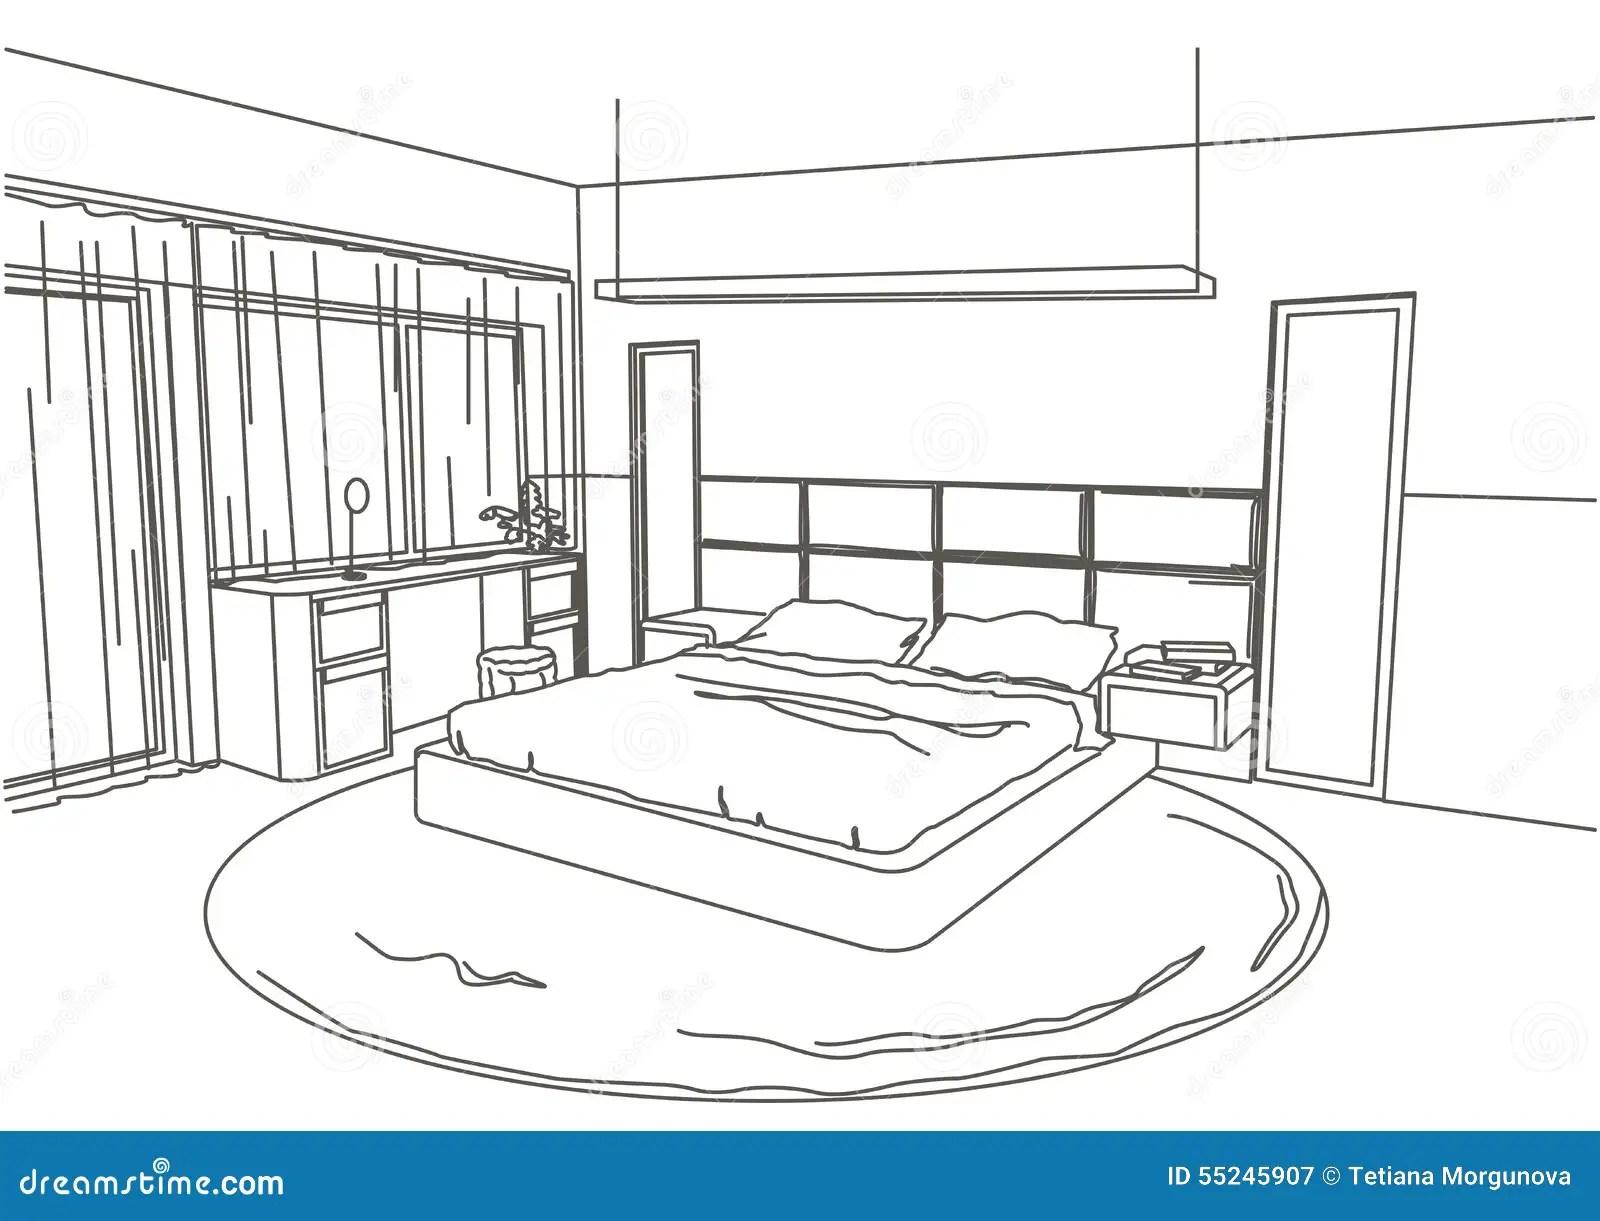 Chambre A Coucher Moderne Interieure De Croquis